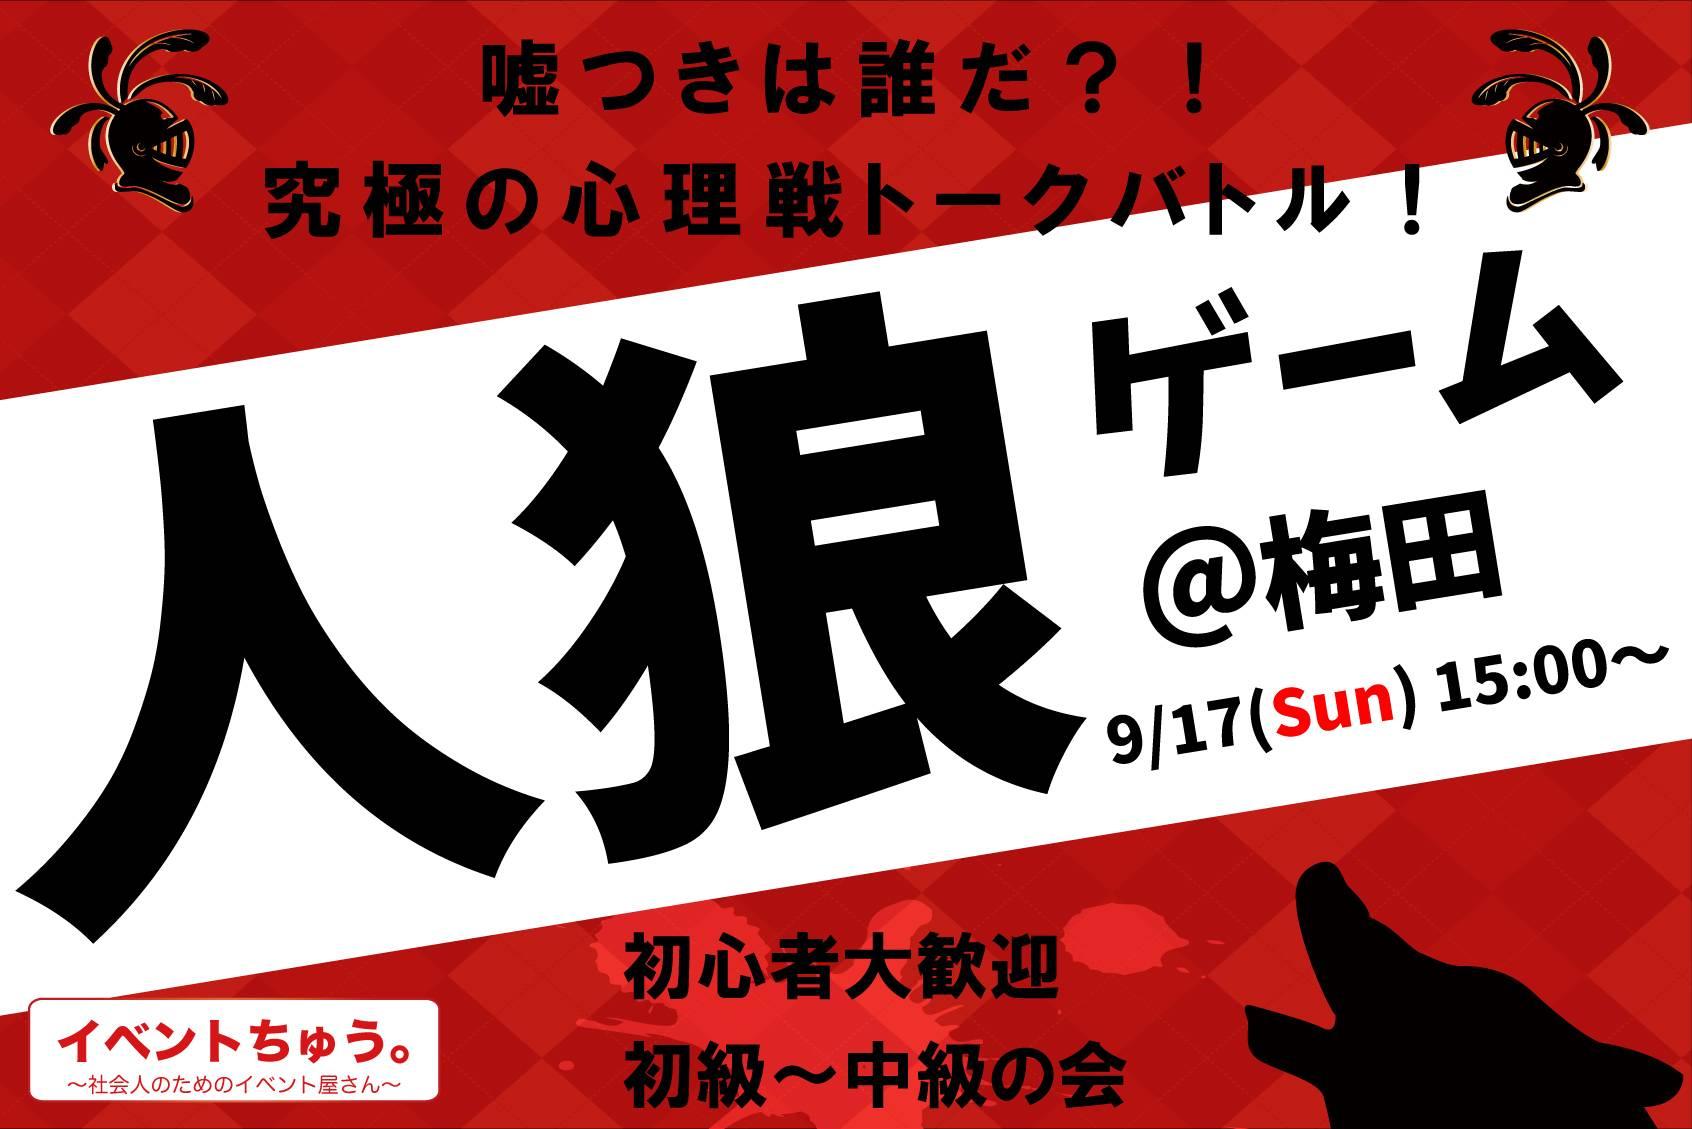 【梅田のプチ街コン】株式会社SSB主催 2017年9月17日